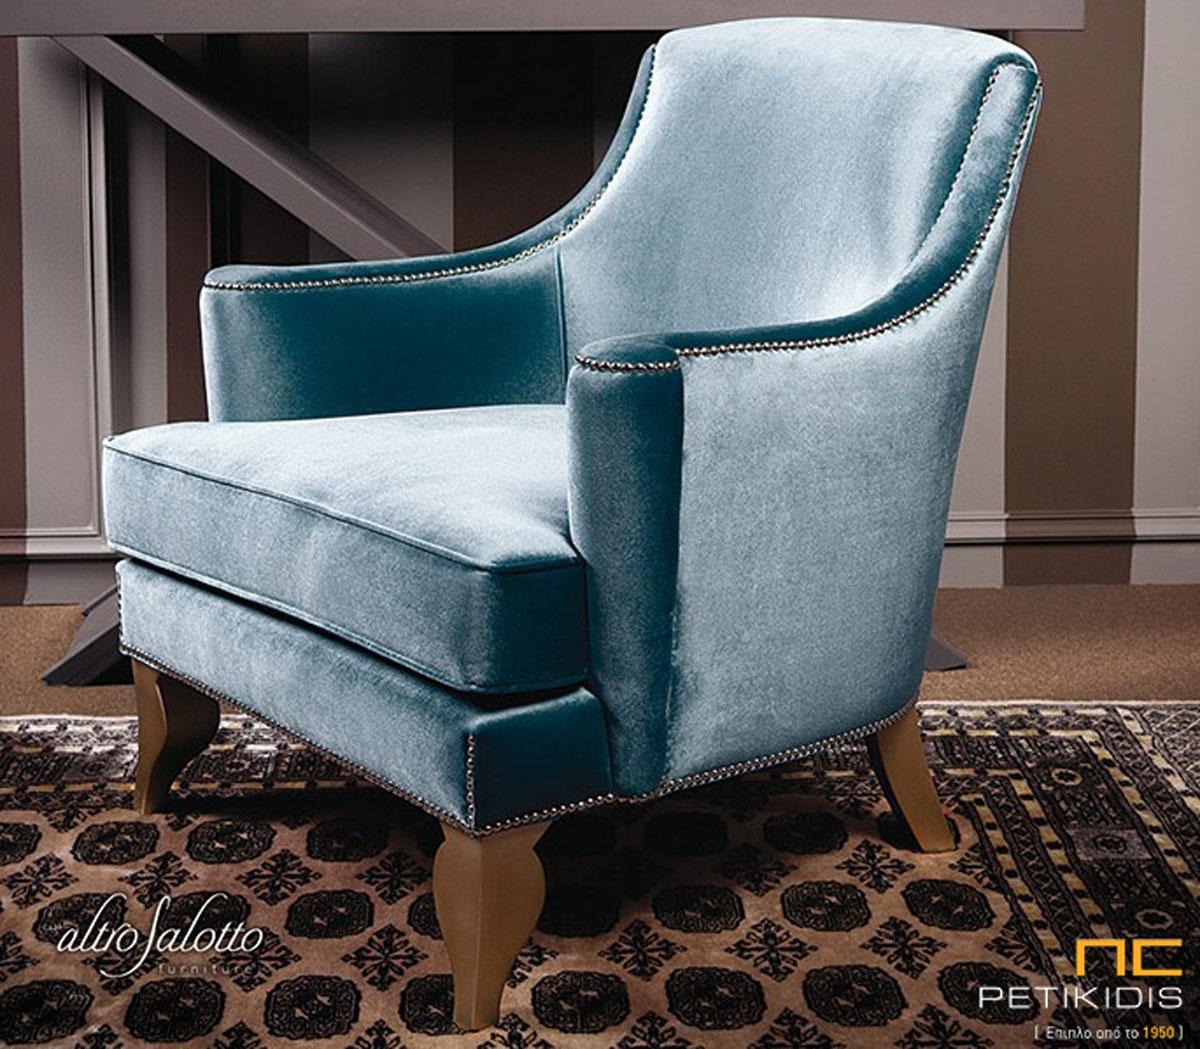 Πολυθρόνα Elegant σε νεοκλασικό ύφος με ιδιαίτερο σχεδιασμό. Το ύφασμα είναι βελούδο σε μπλέ αποχρώσεις αδιάβροχο.